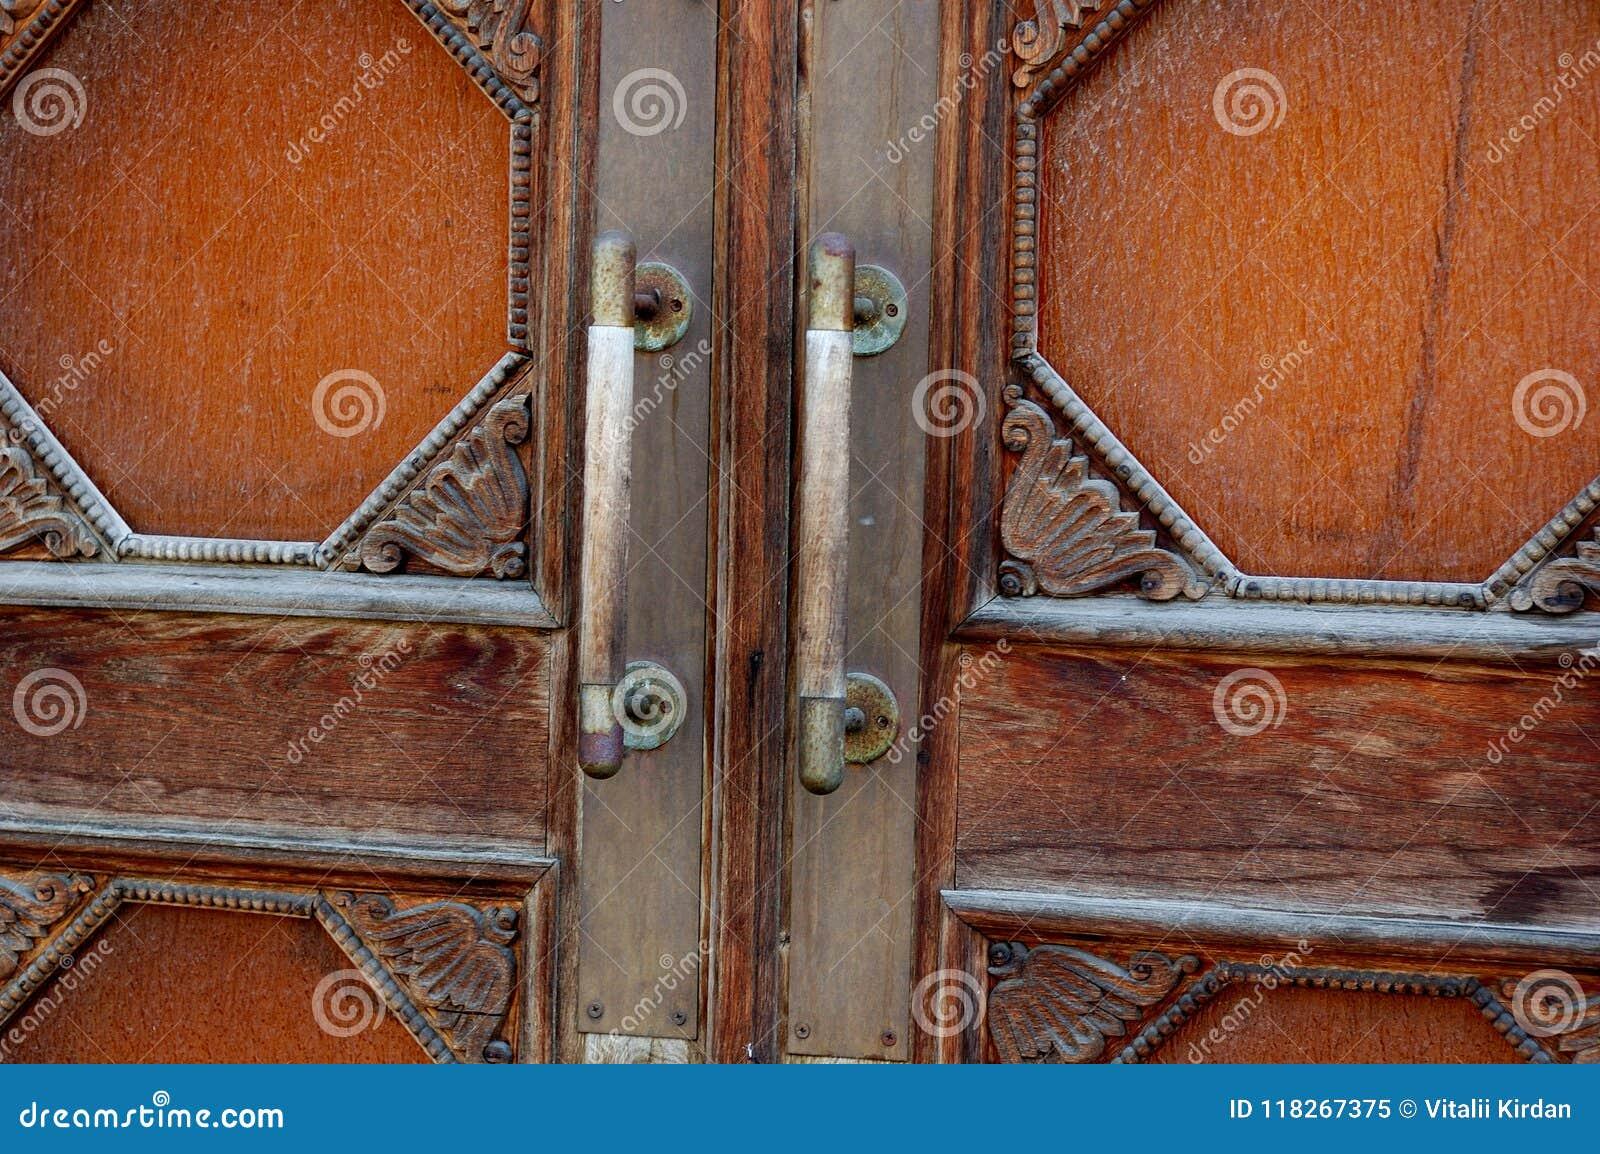 Antique handles on a massive wooden door